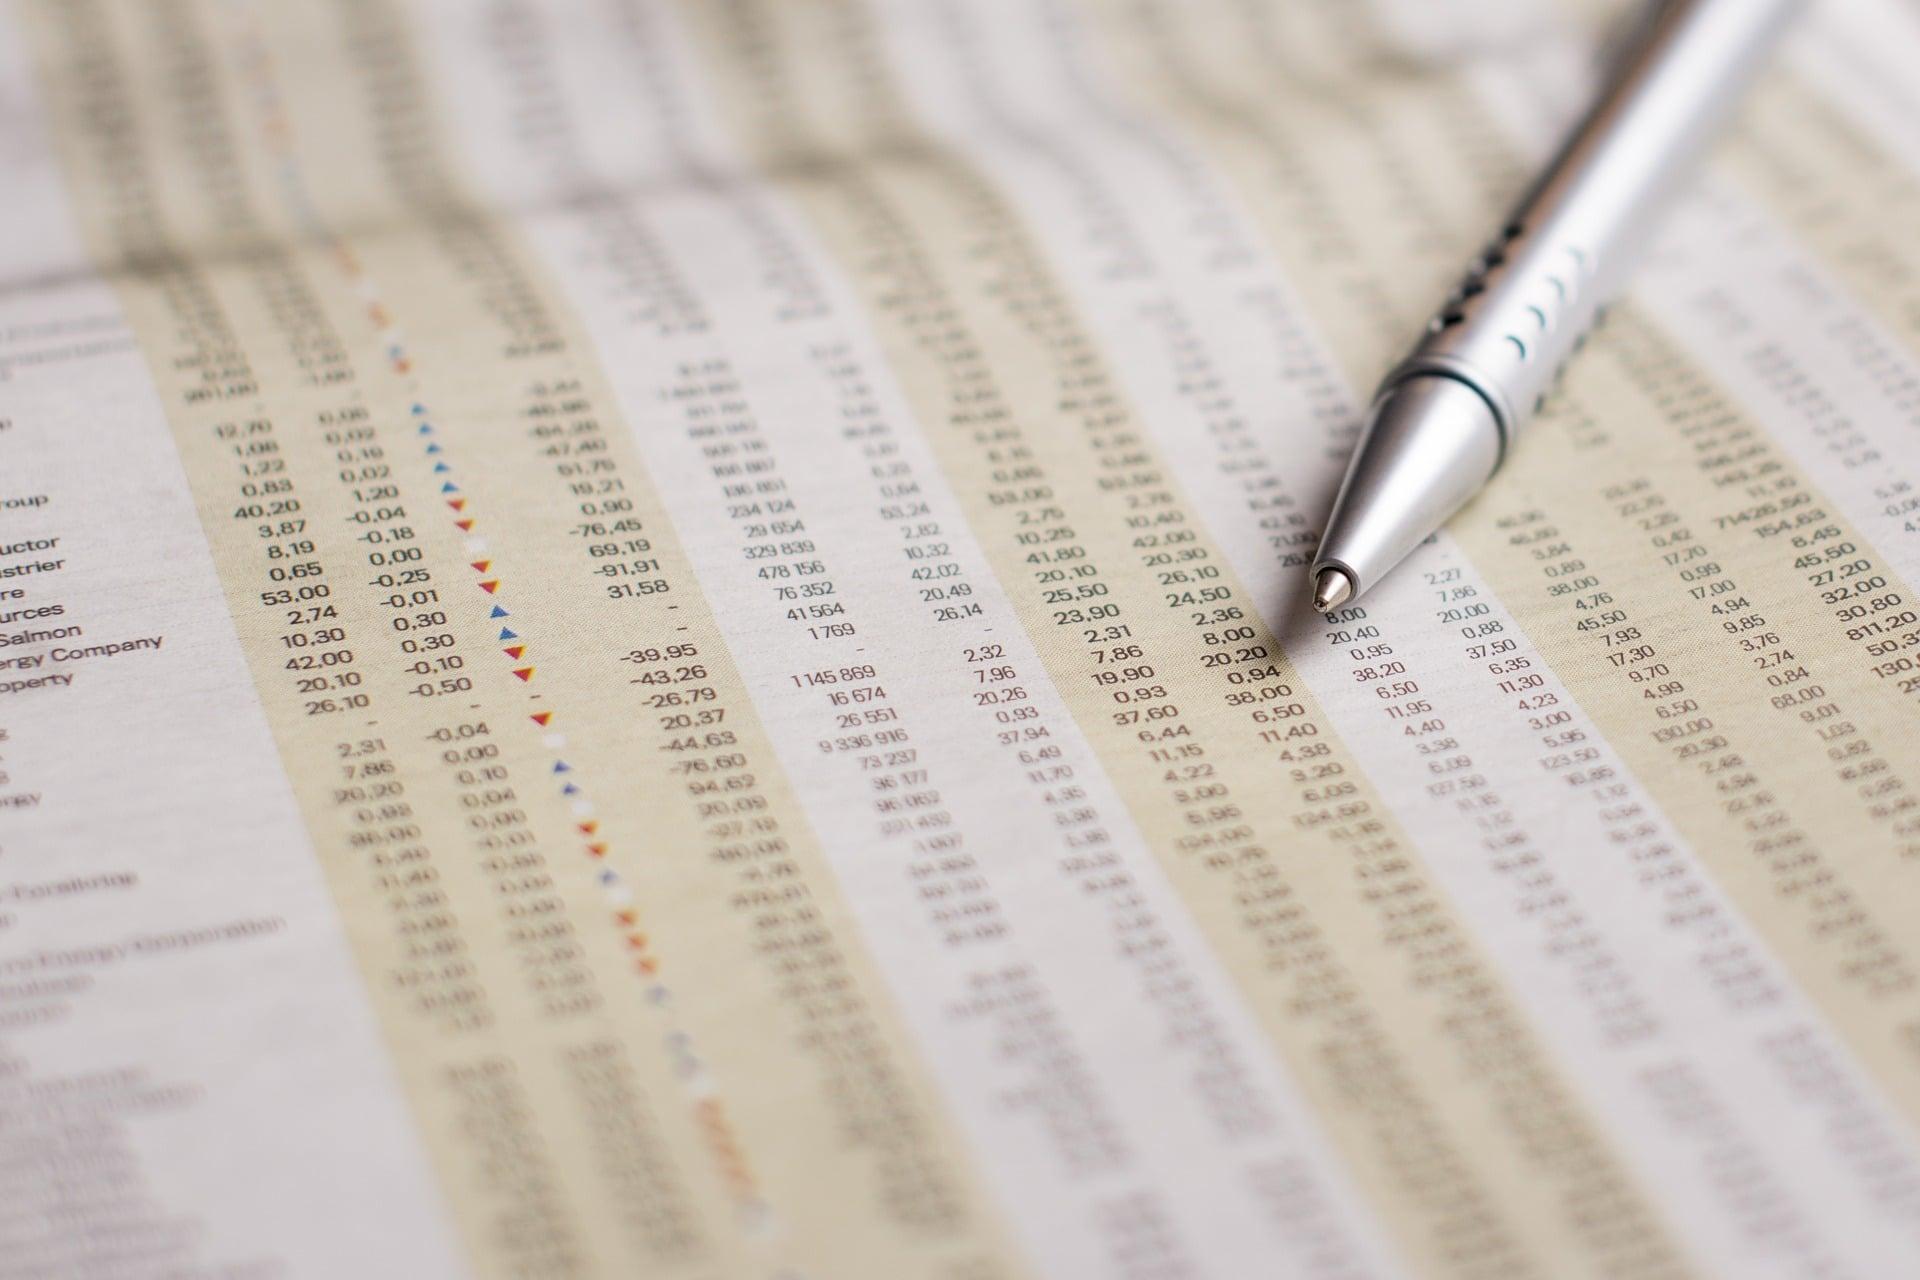 Aktien: Definition, Erklärung & Beispiele